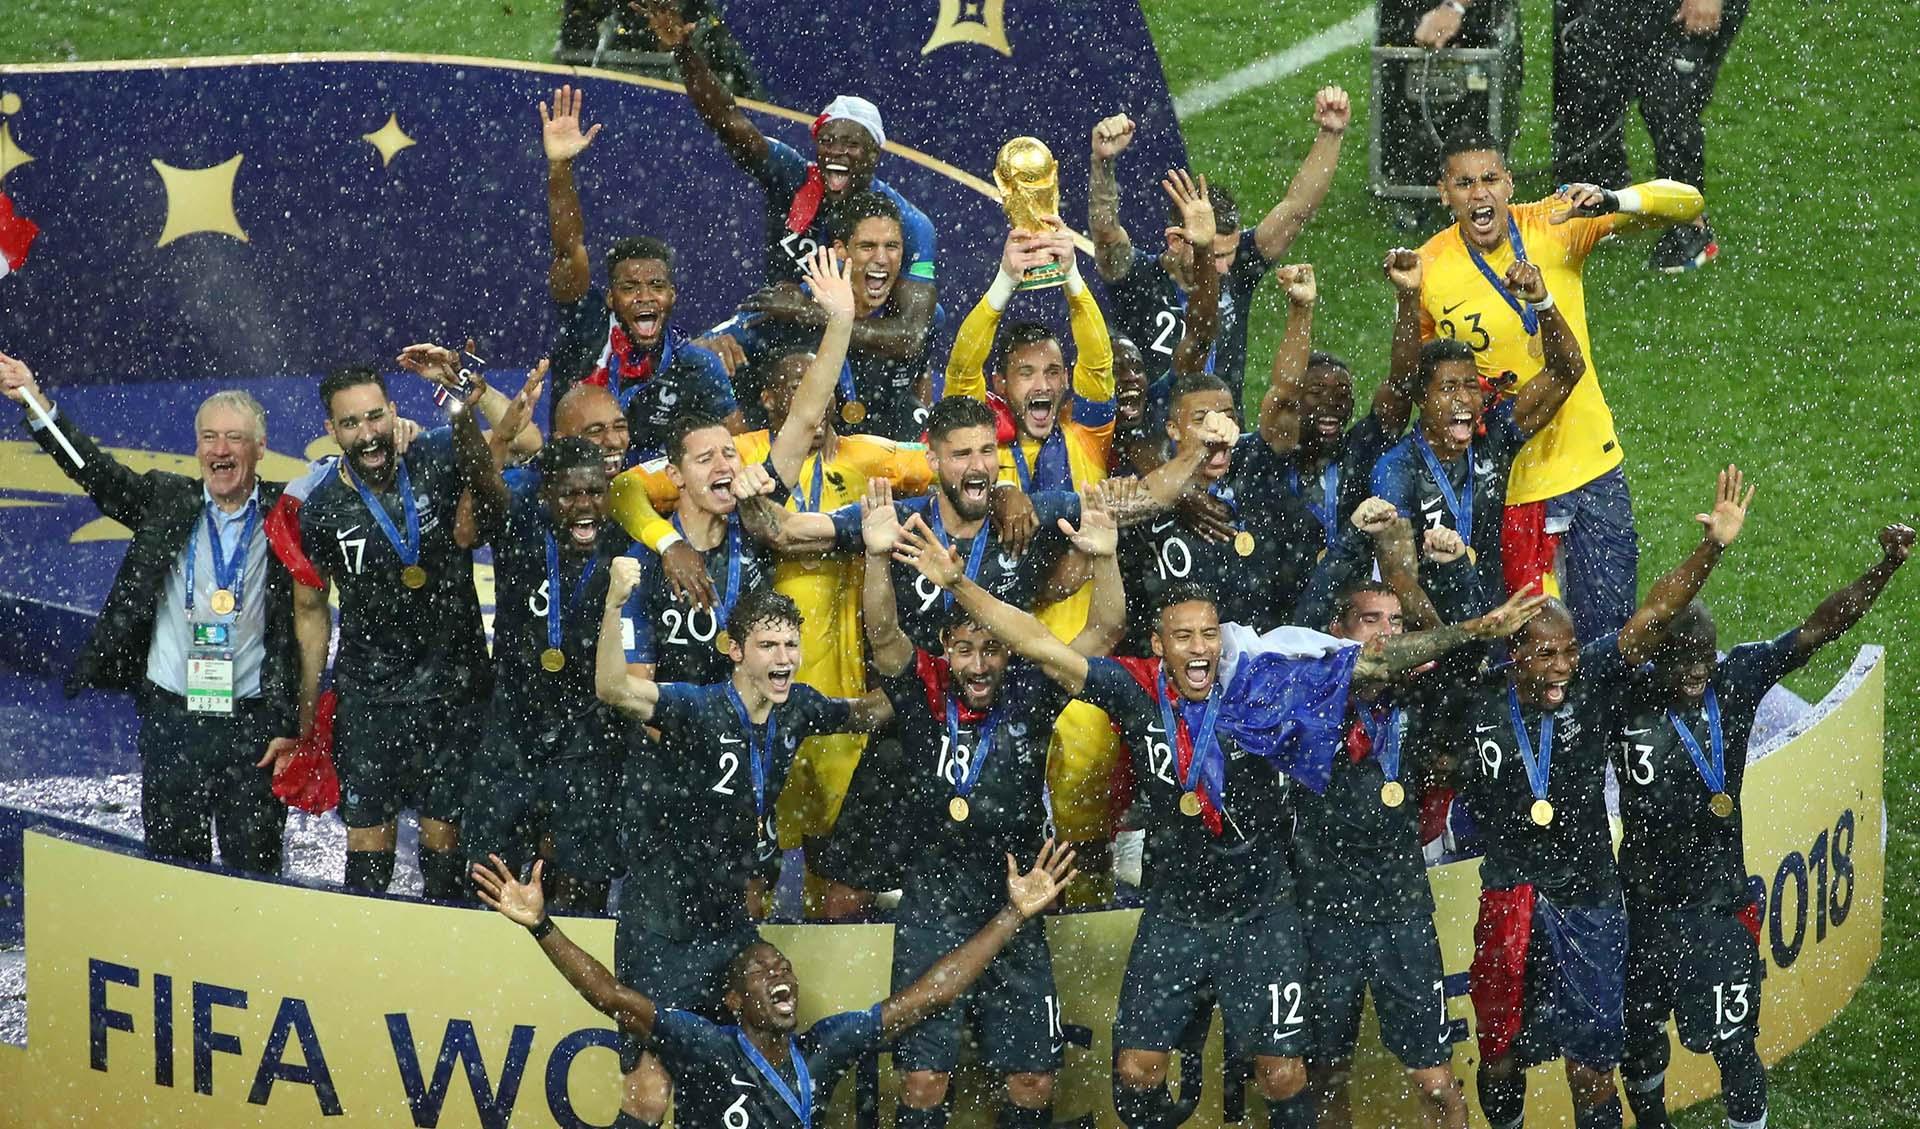 Francia venció a Croacia por 4-2